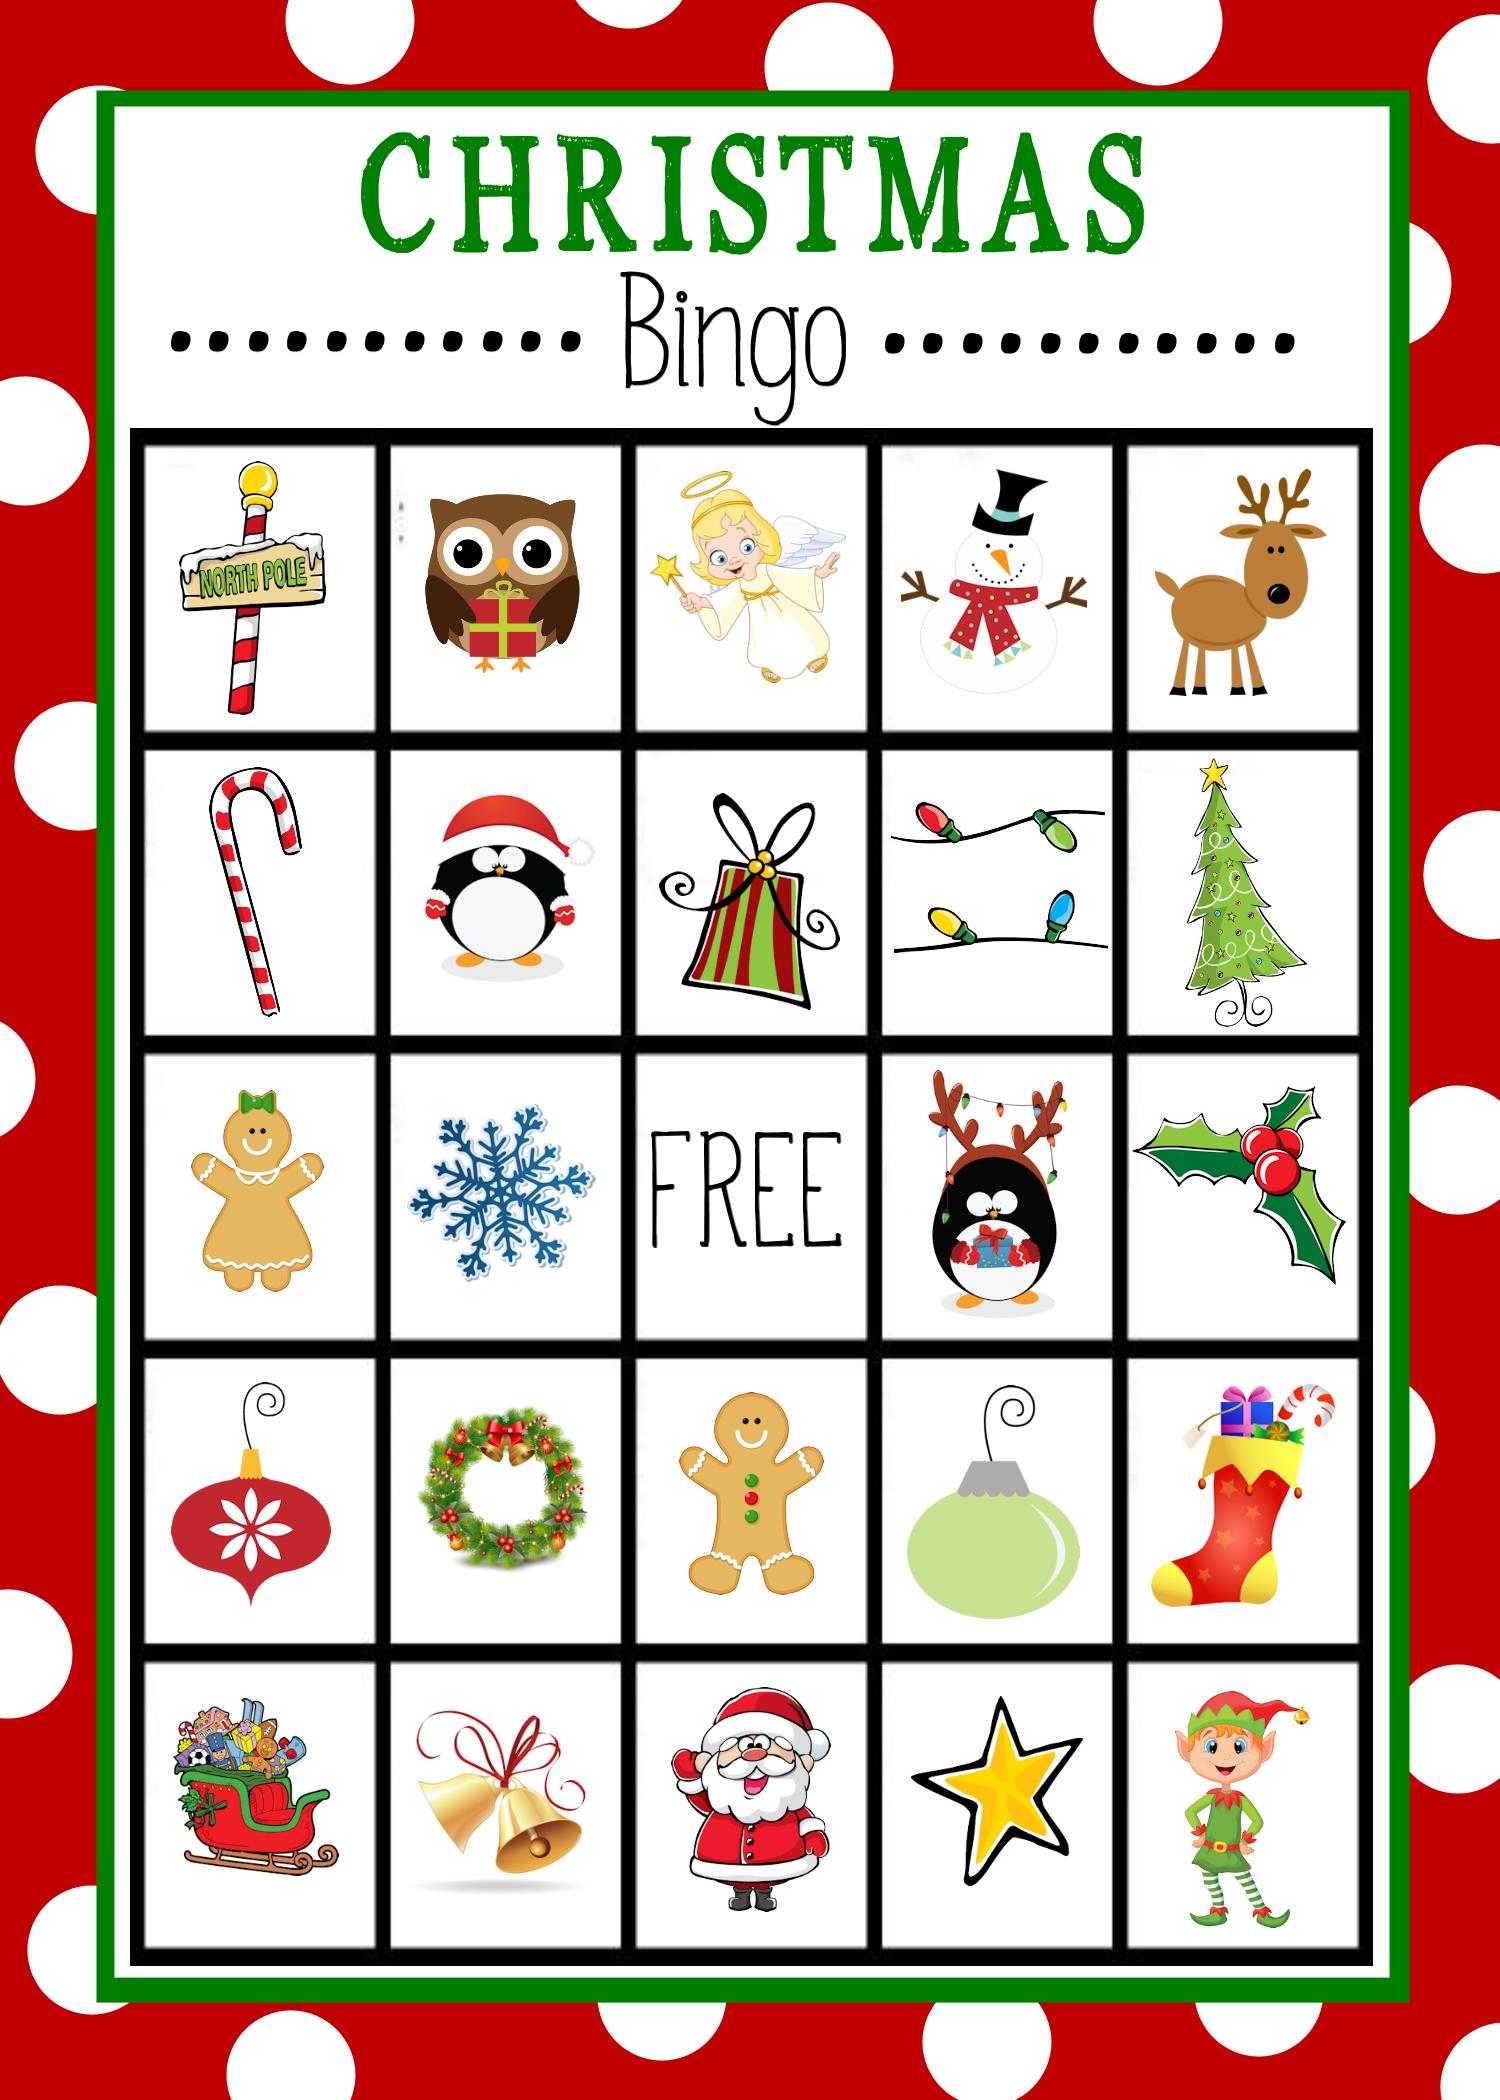 Free Printable Christmas Bingo Game   Christmas   Pinterest - Christmas Bingo Game Printable Free